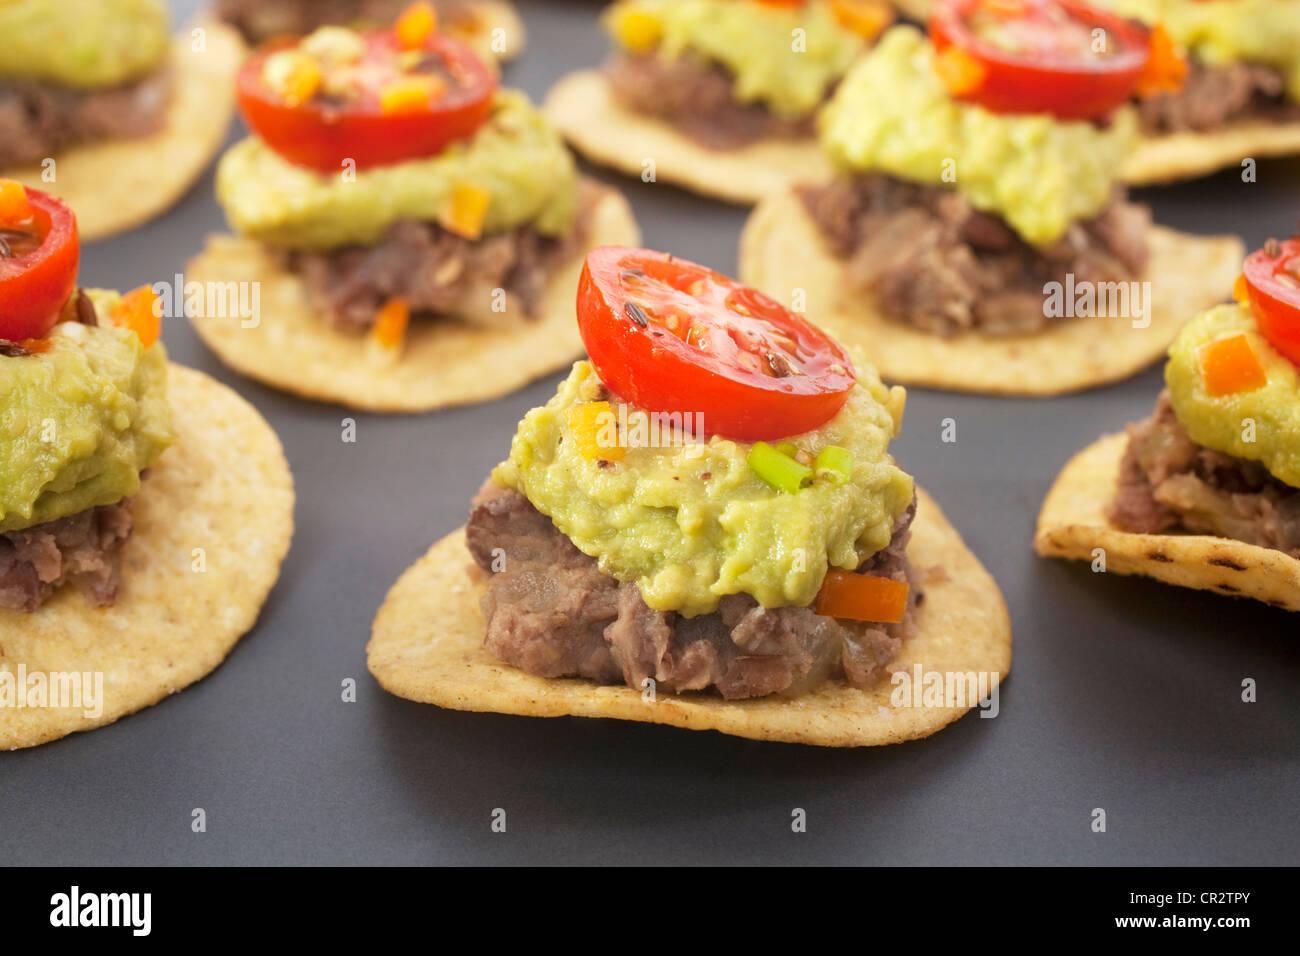 Piccante partito messicano cibo, corn chips e rabboccato con refried fagioli, avocado e salsa di pomodoro. Immagini Stock